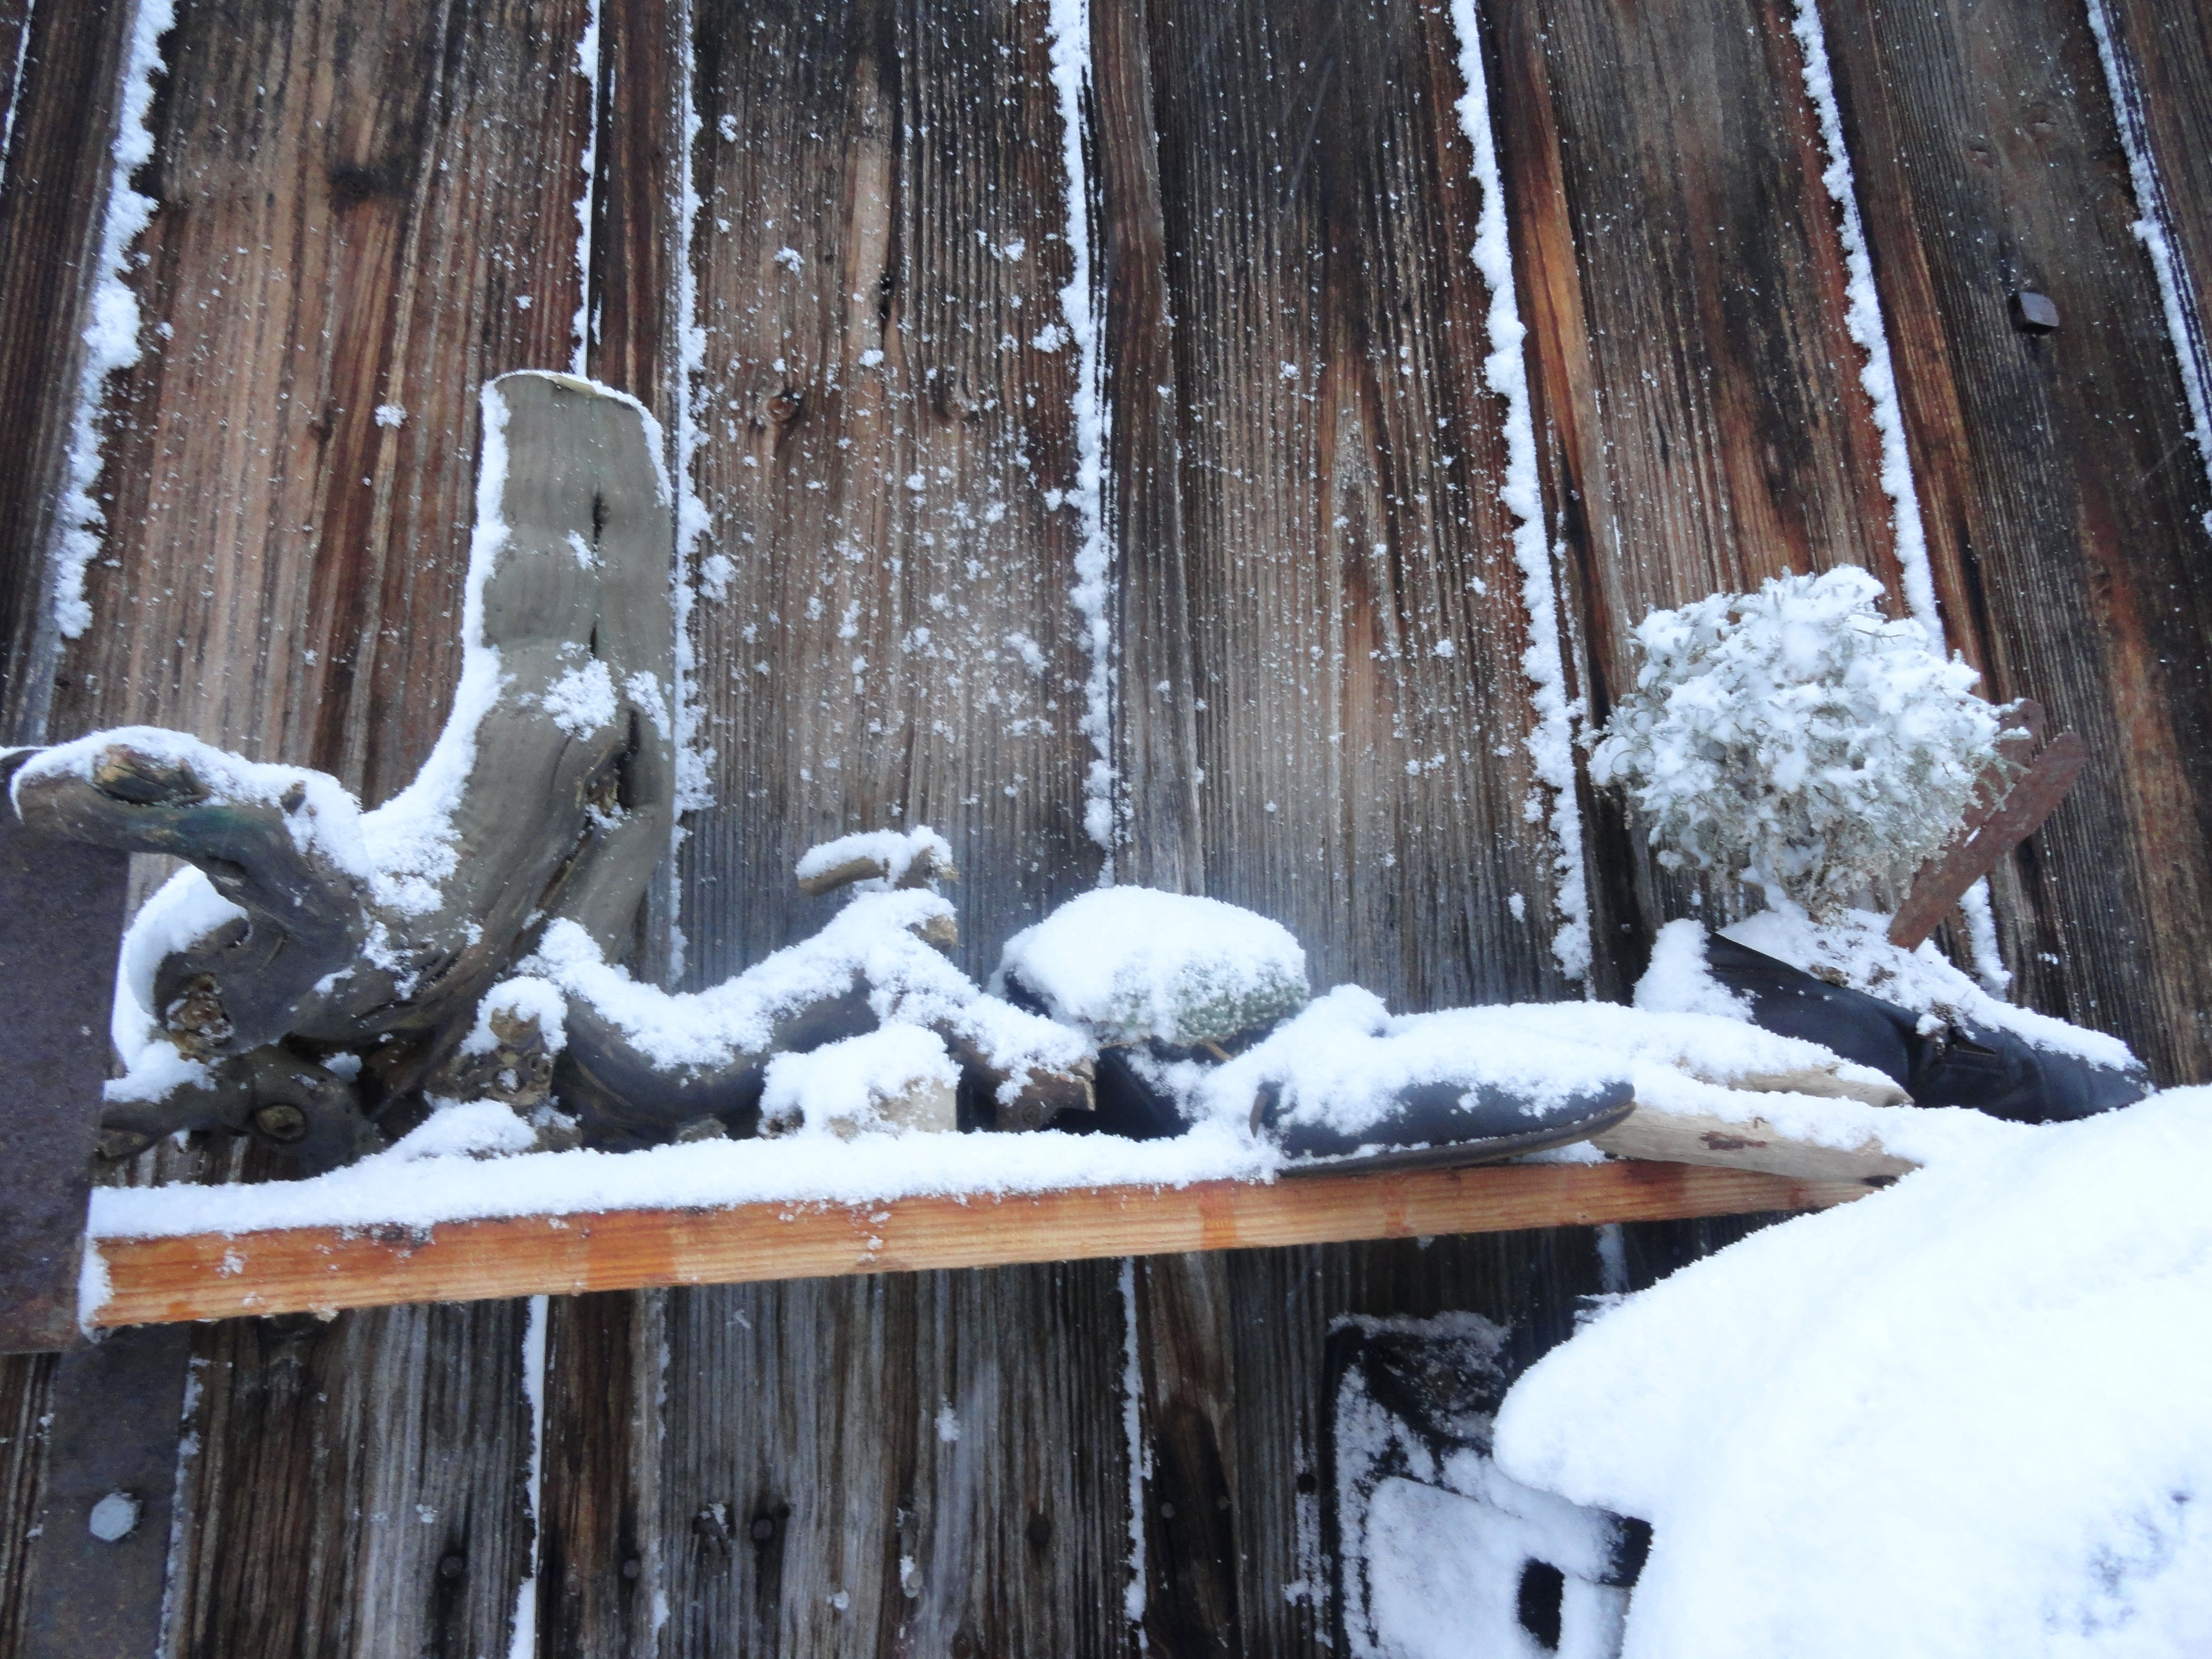 Die alten Lieblingsschuhe dürfen jetzt die Winterlandschaft genießen.